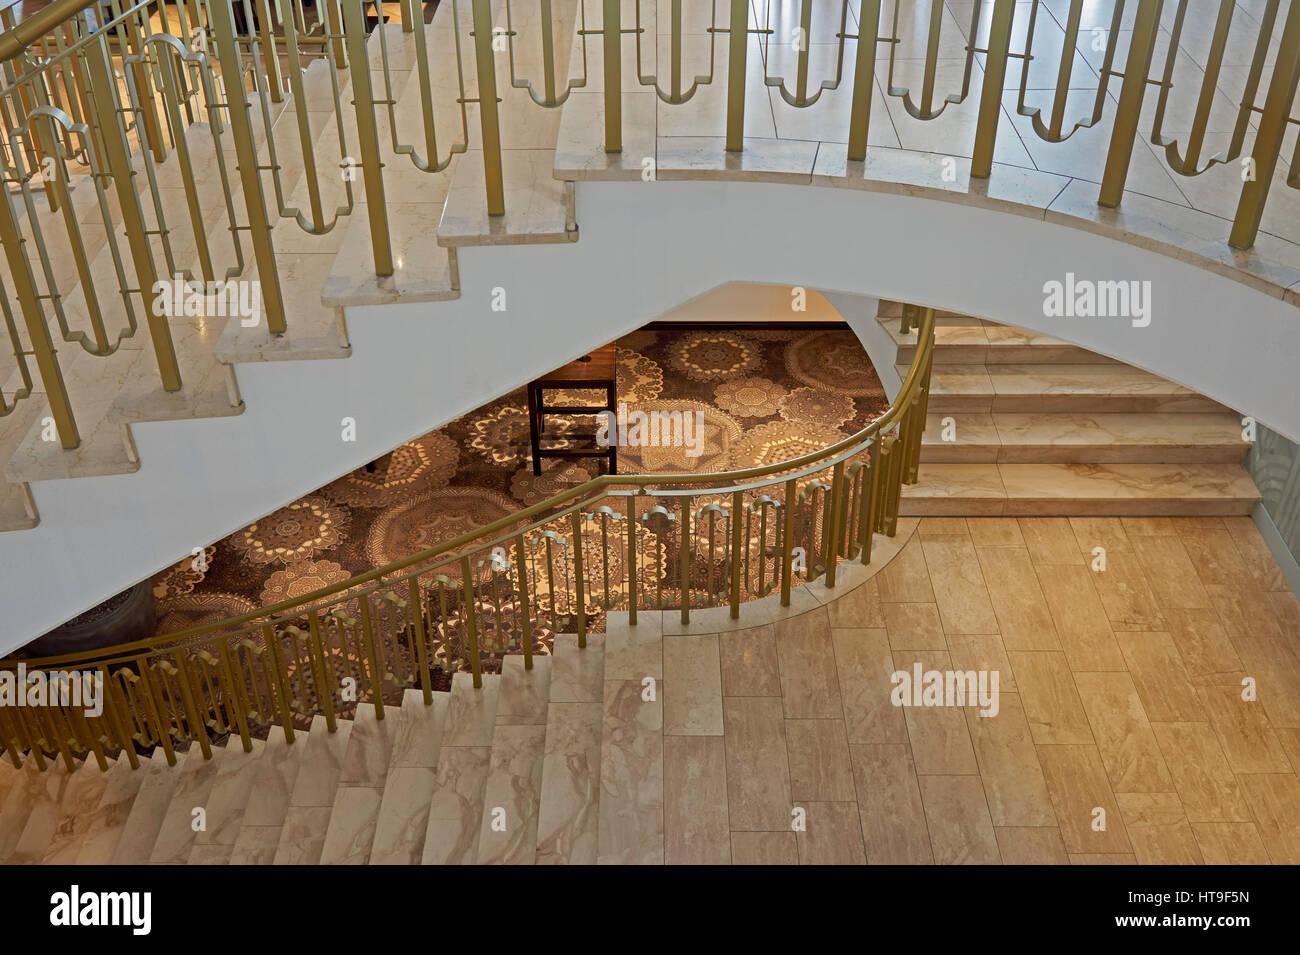 Drei Schone Marmortreppe Im Treppenhaus Des Hotels Stockfoto Bild